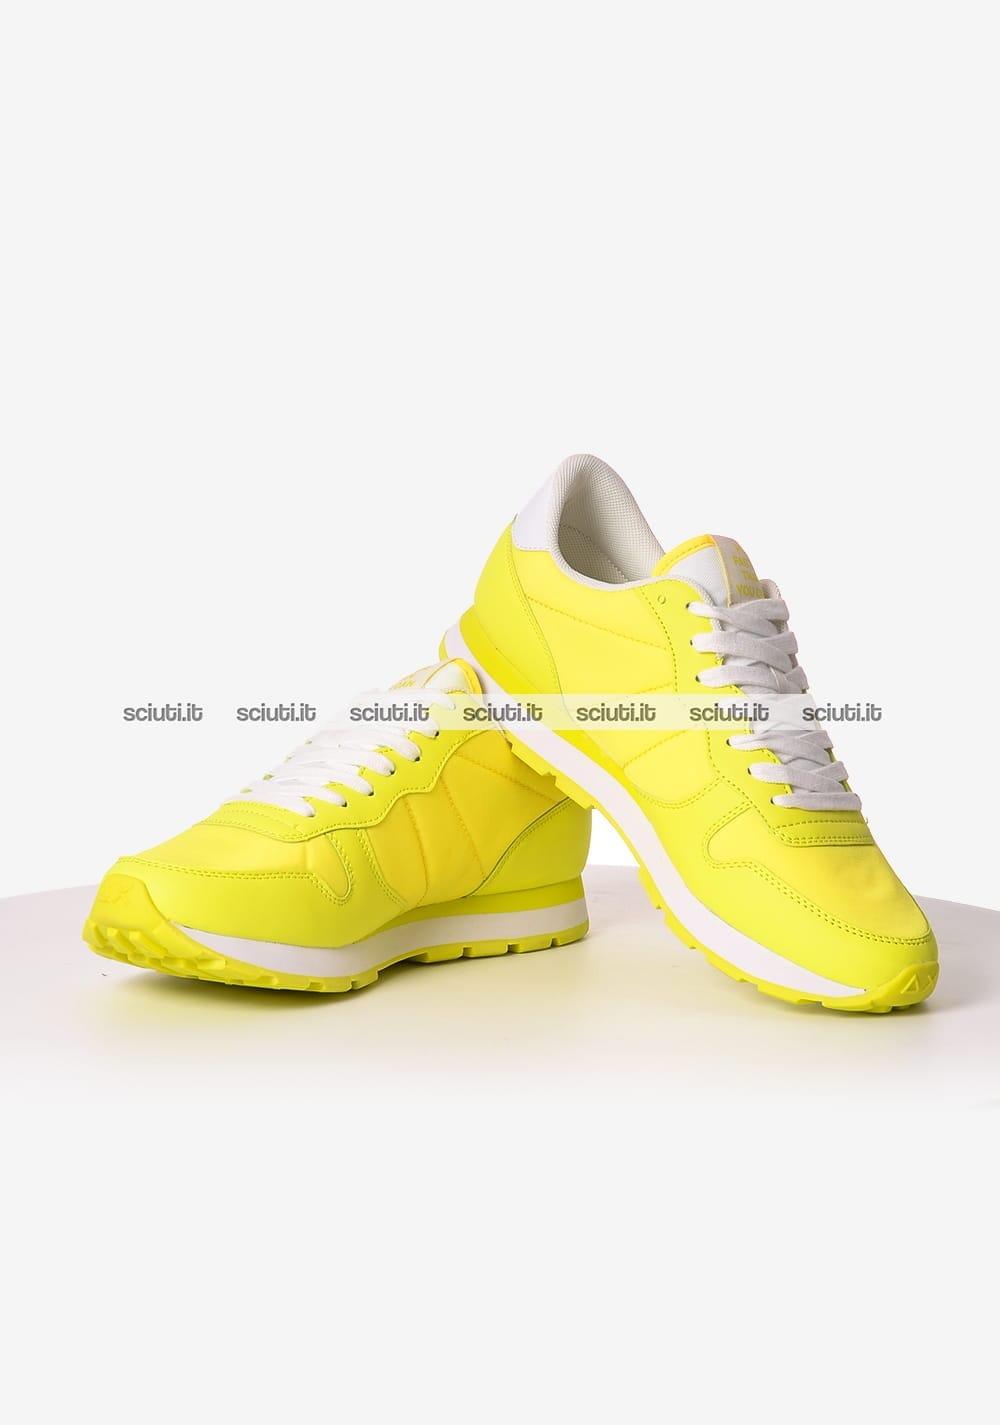 Scarpe Sun68 uomo running bicolor nylon giallo fluo | Sciuti.it